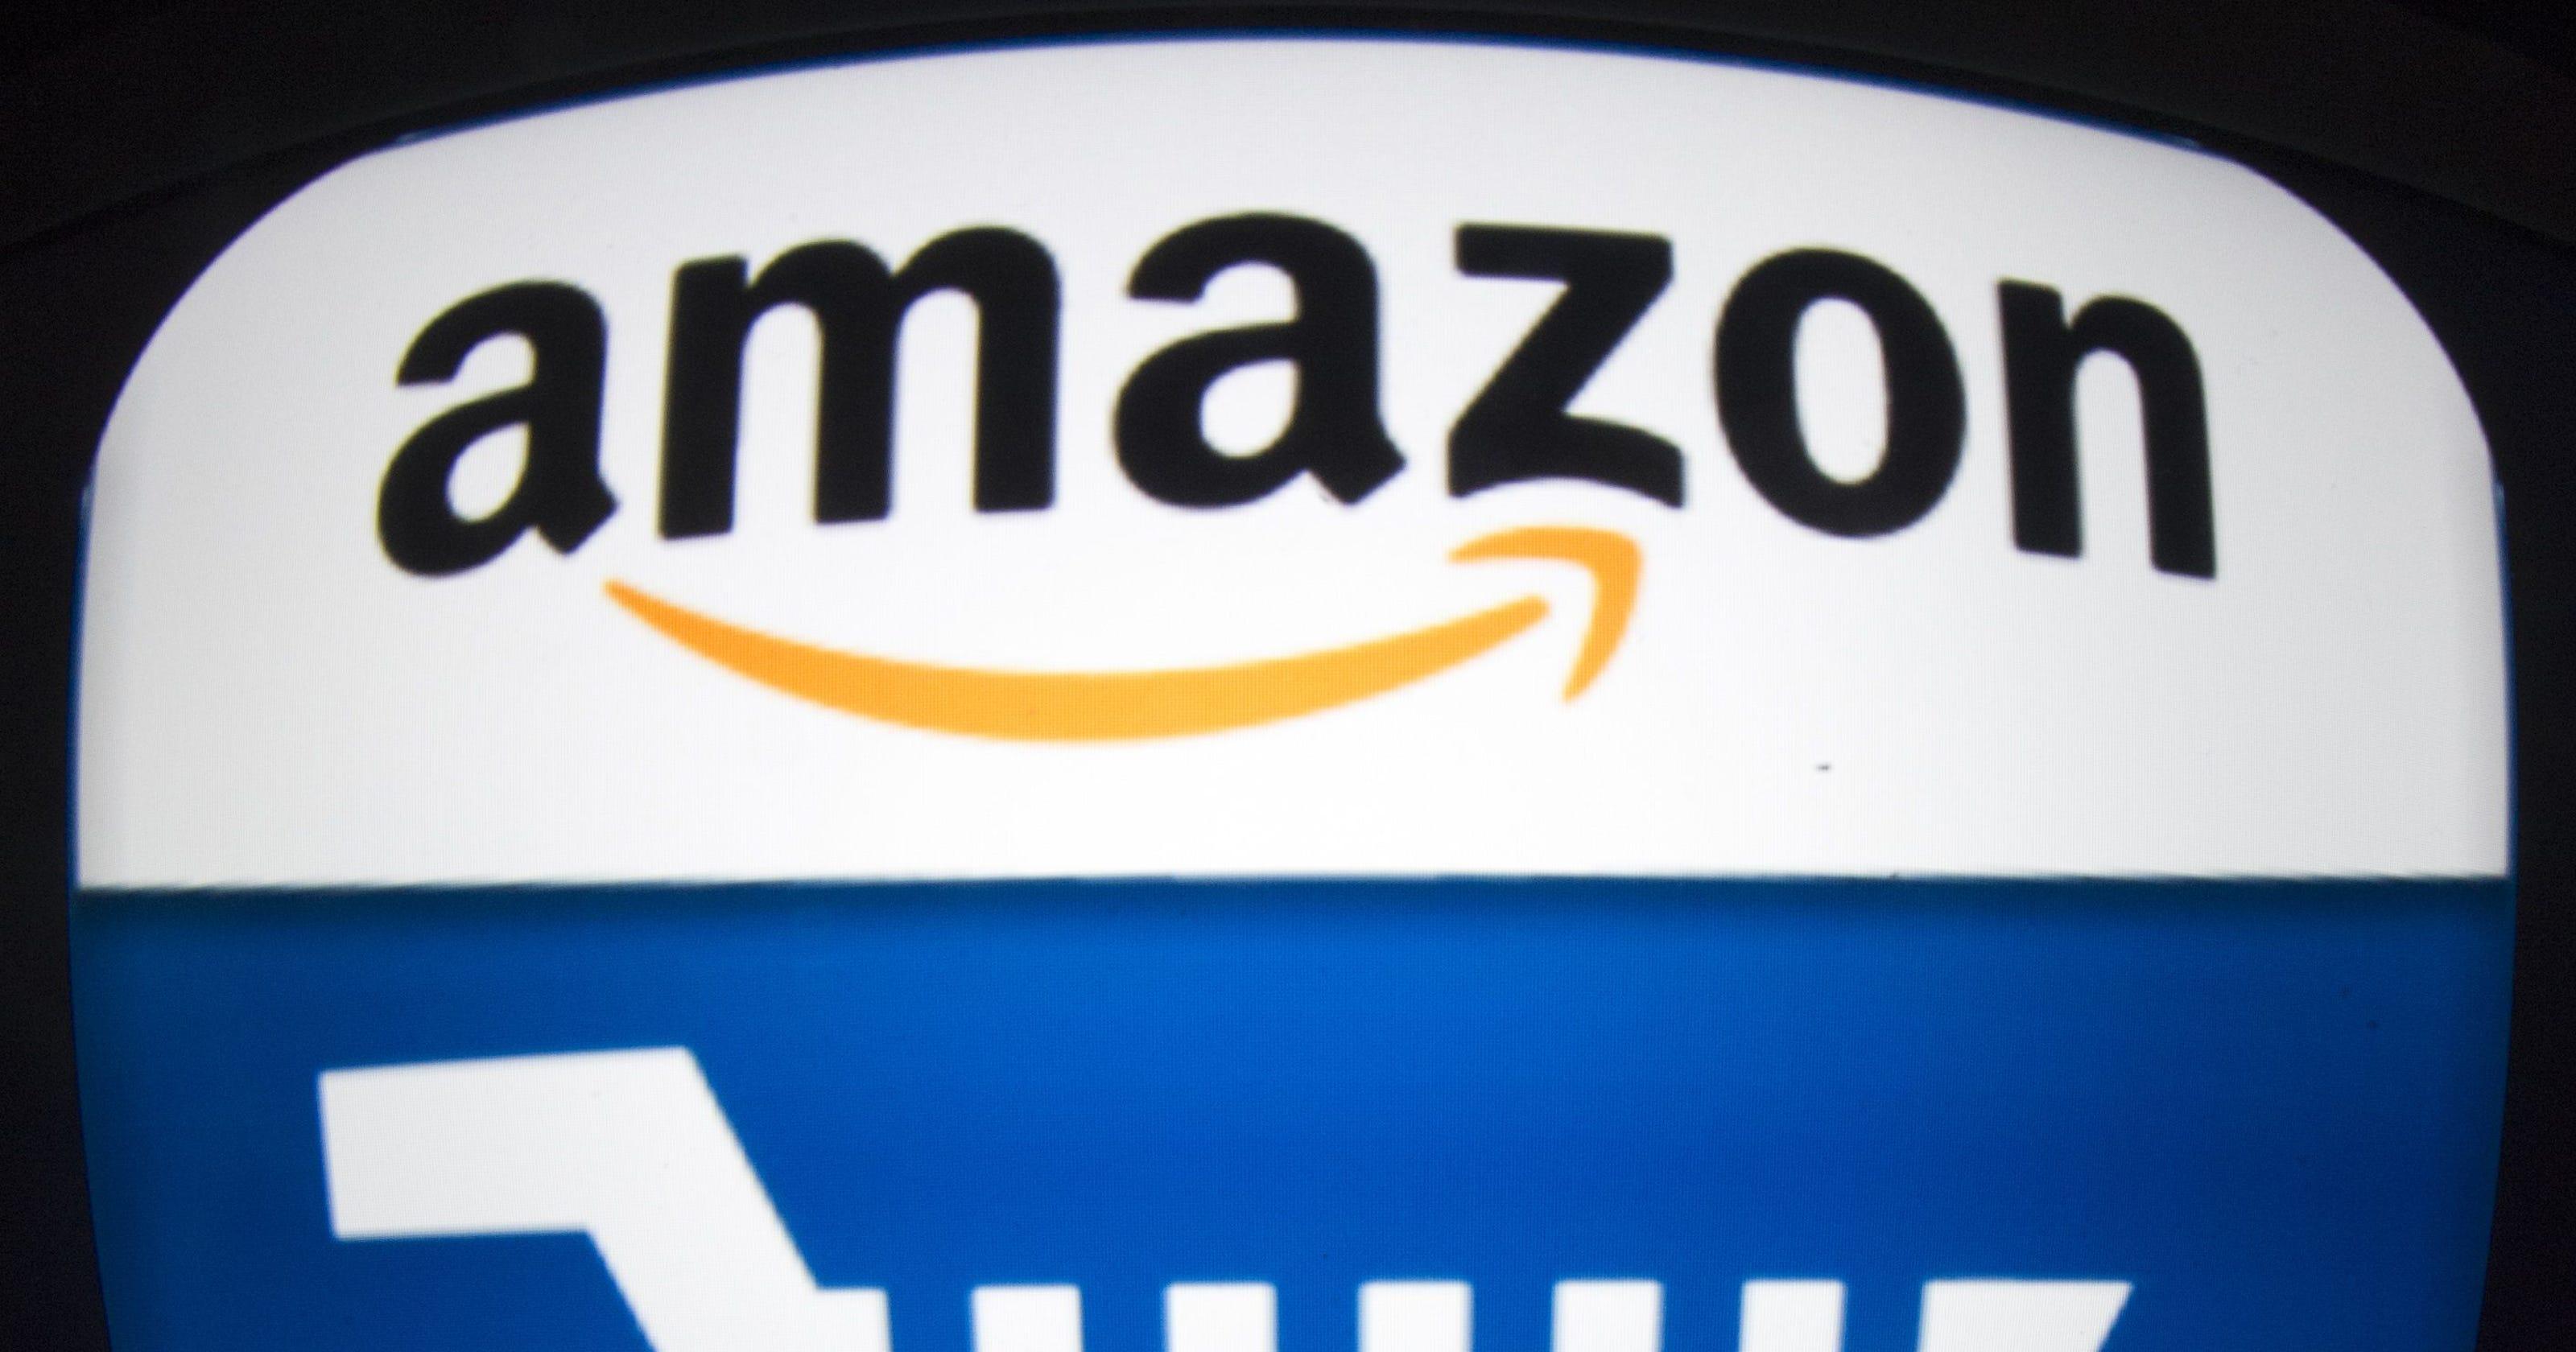 633c9e0ab941d Could Iowa land Amazon's $5 billion HQ2 project?